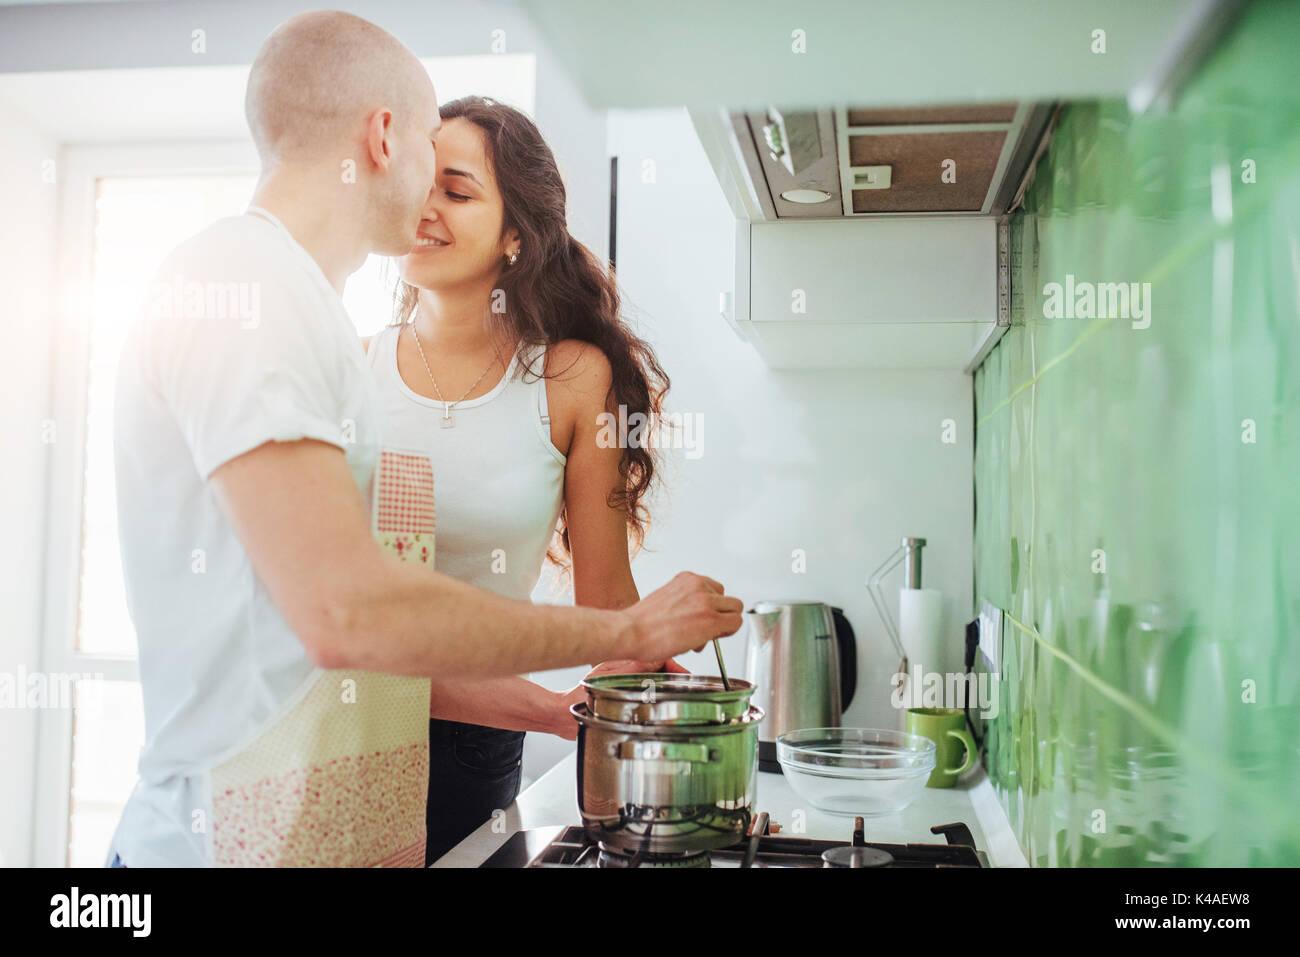 Felice coppia giovane preparando sulla stufa Immagini Stock